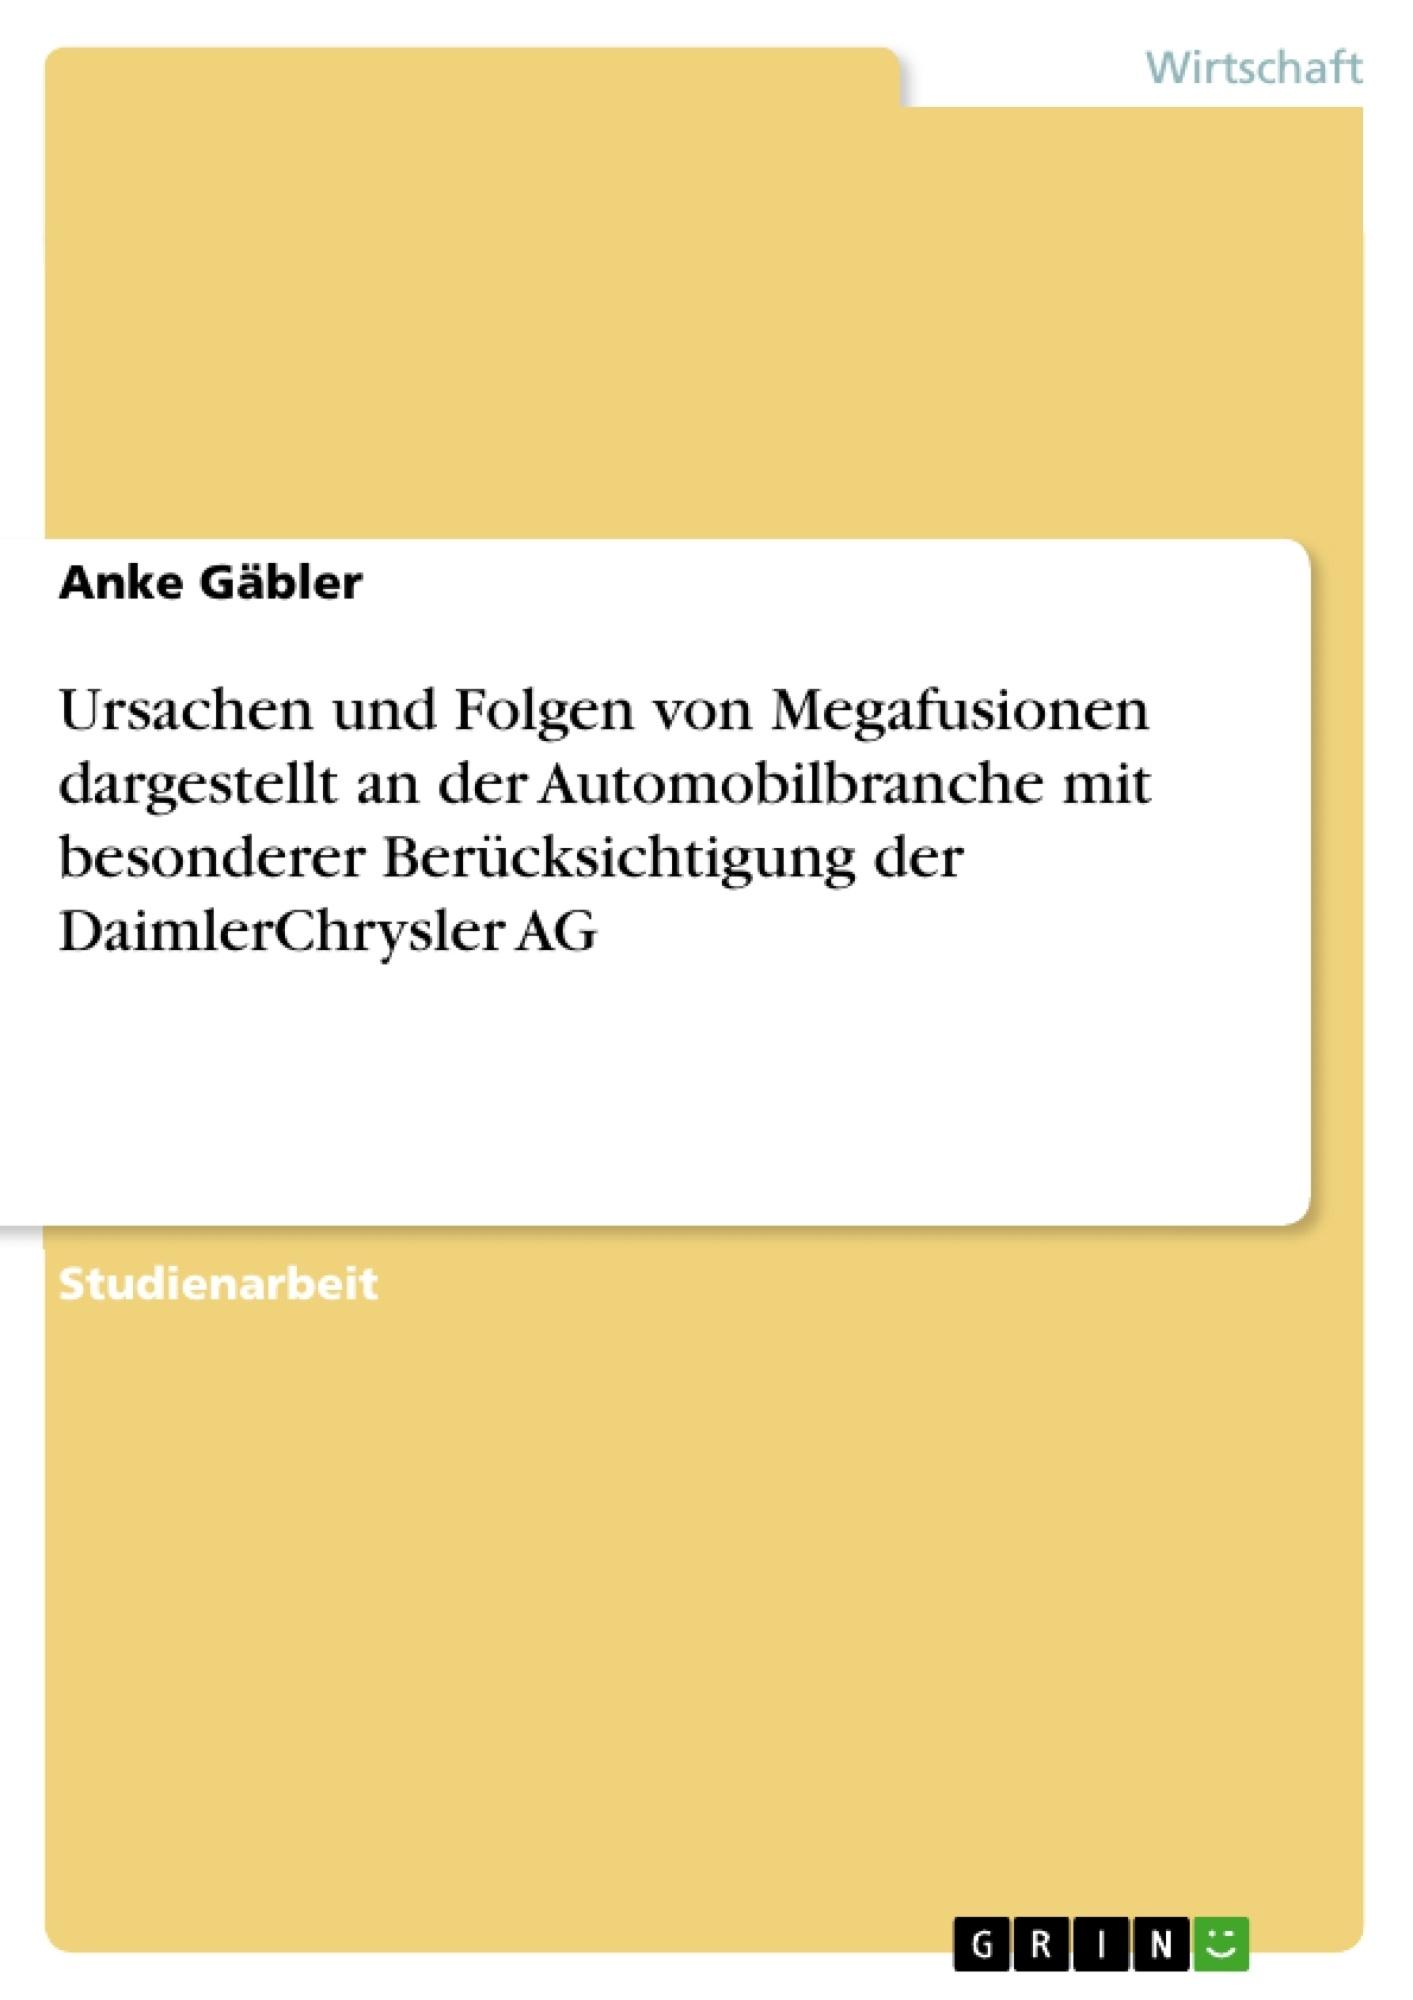 Titel: Ursachen und Folgen von Megafusionen dargestellt an der Automobilbranche mit besonderer Berücksichtigung der DaimlerChrysler AG